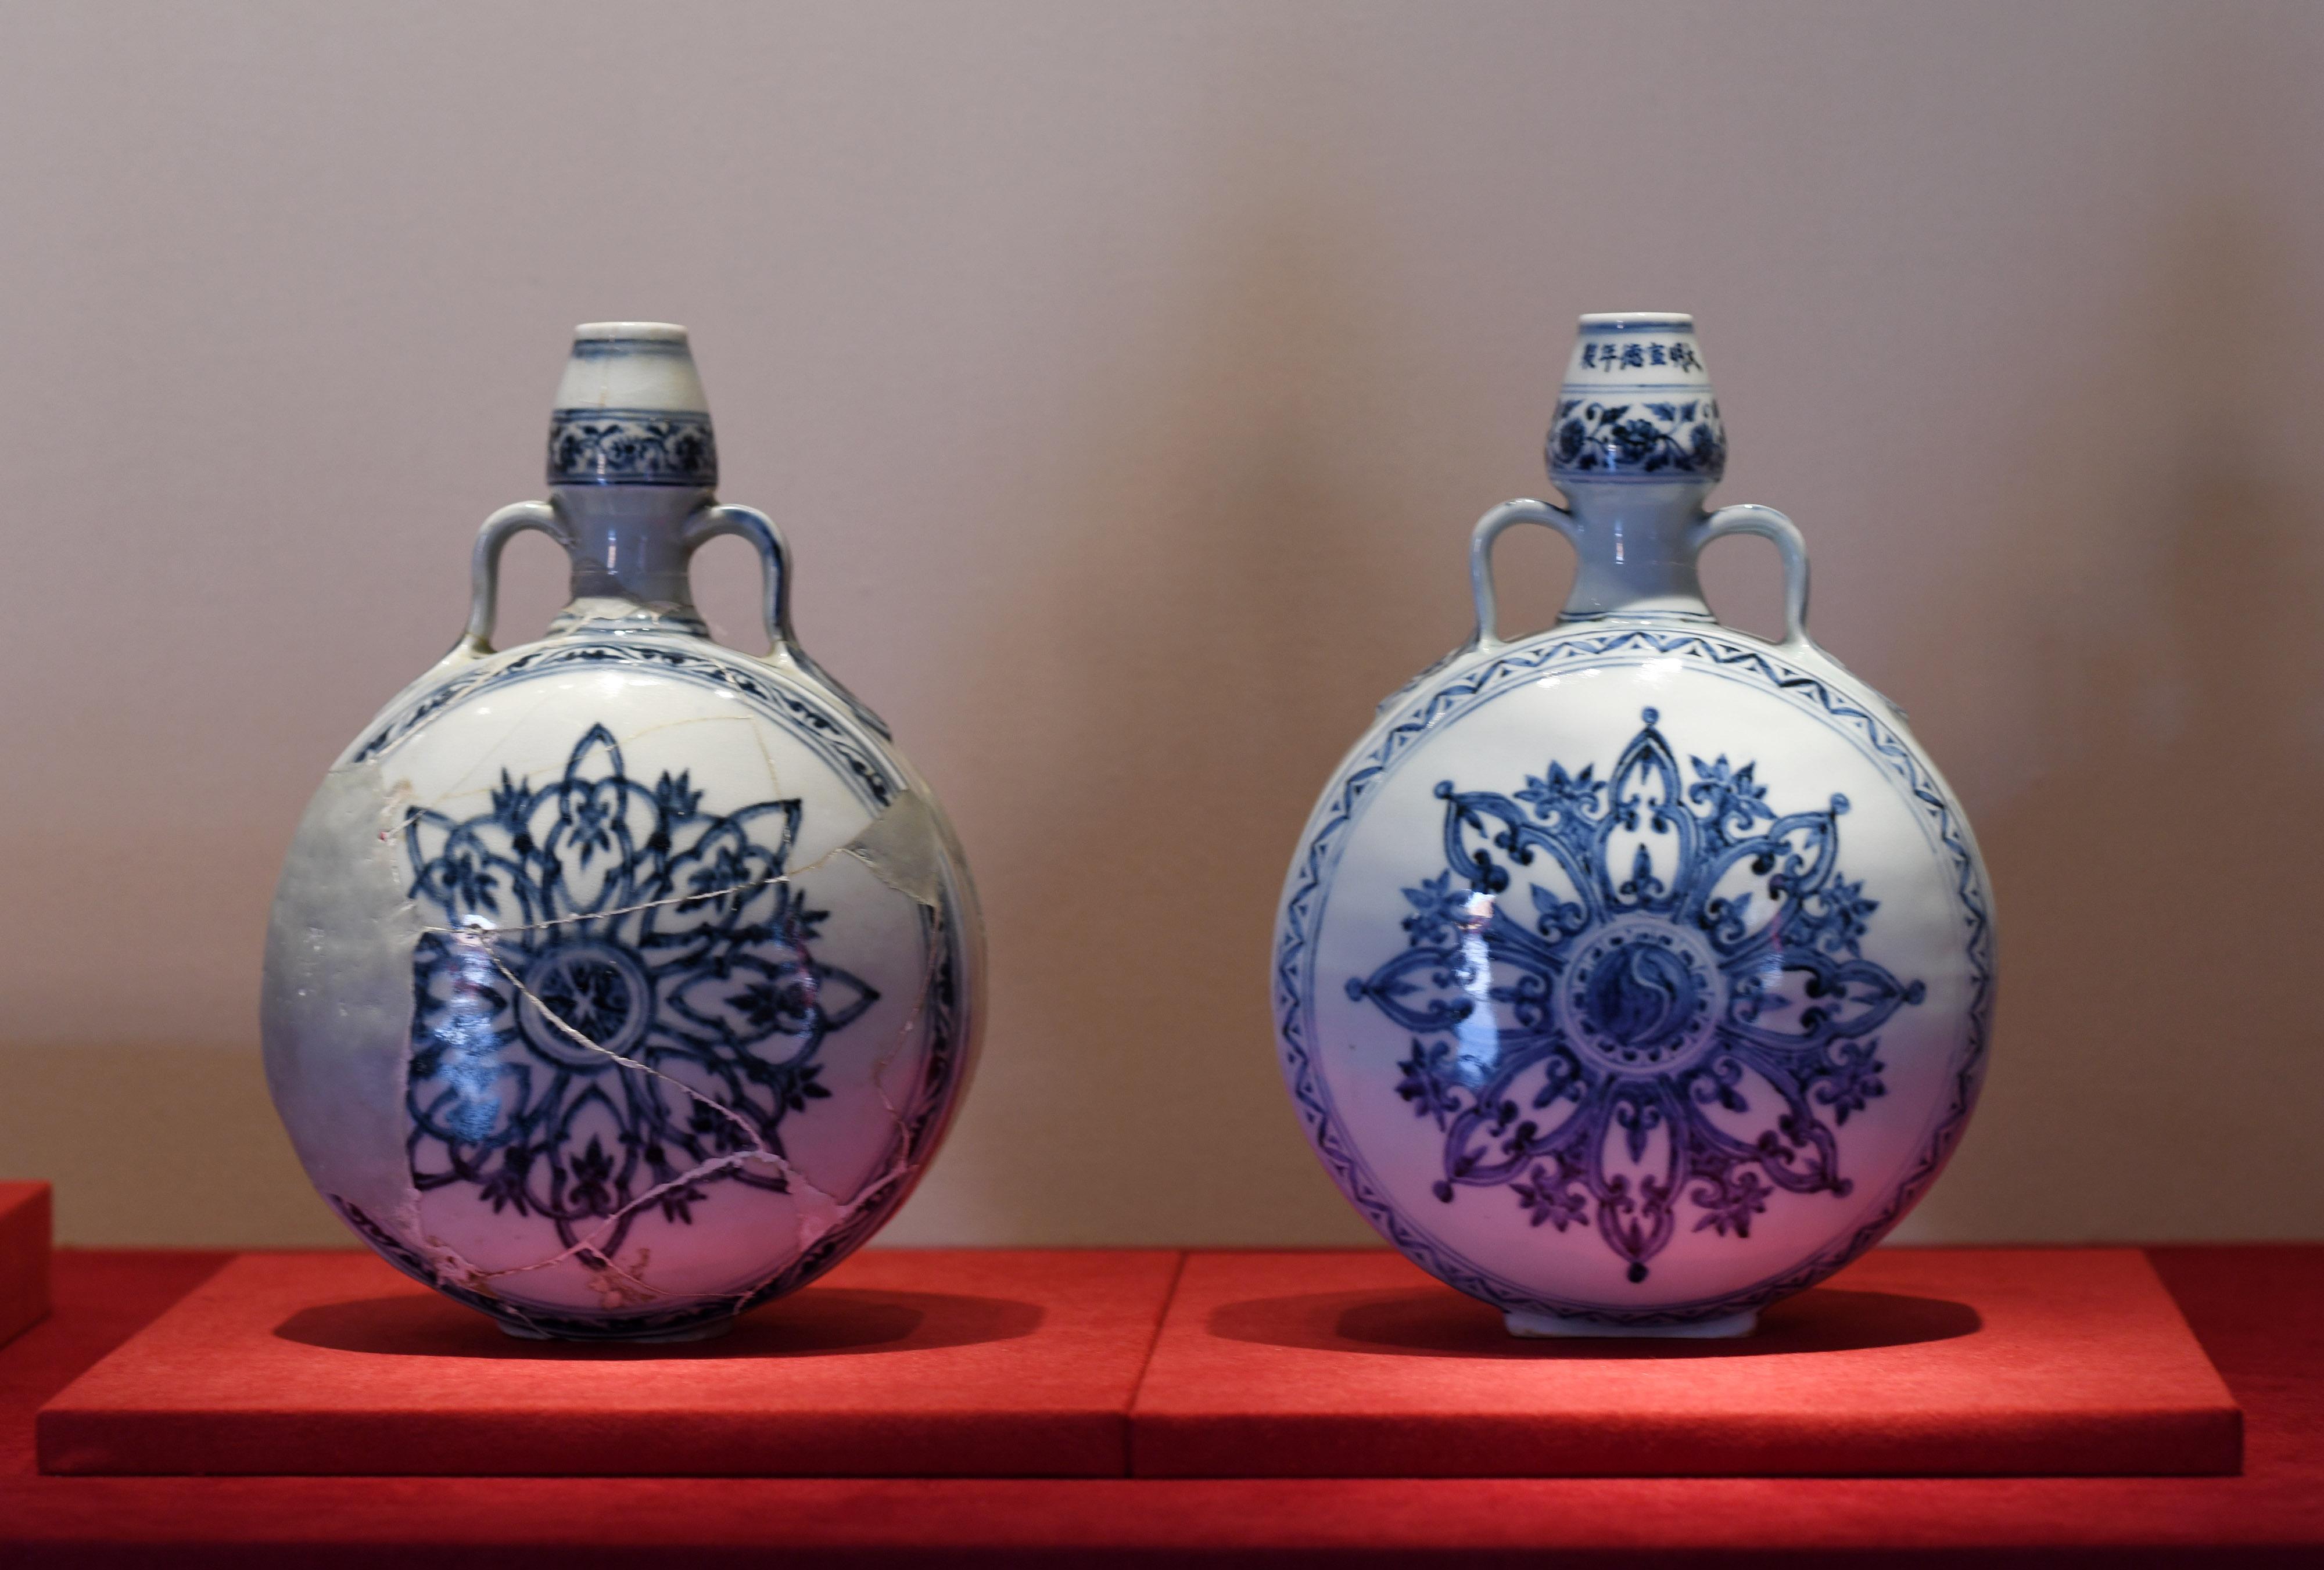 故宮博物院で館蔵品と景徳鎮出土磁器の比較展